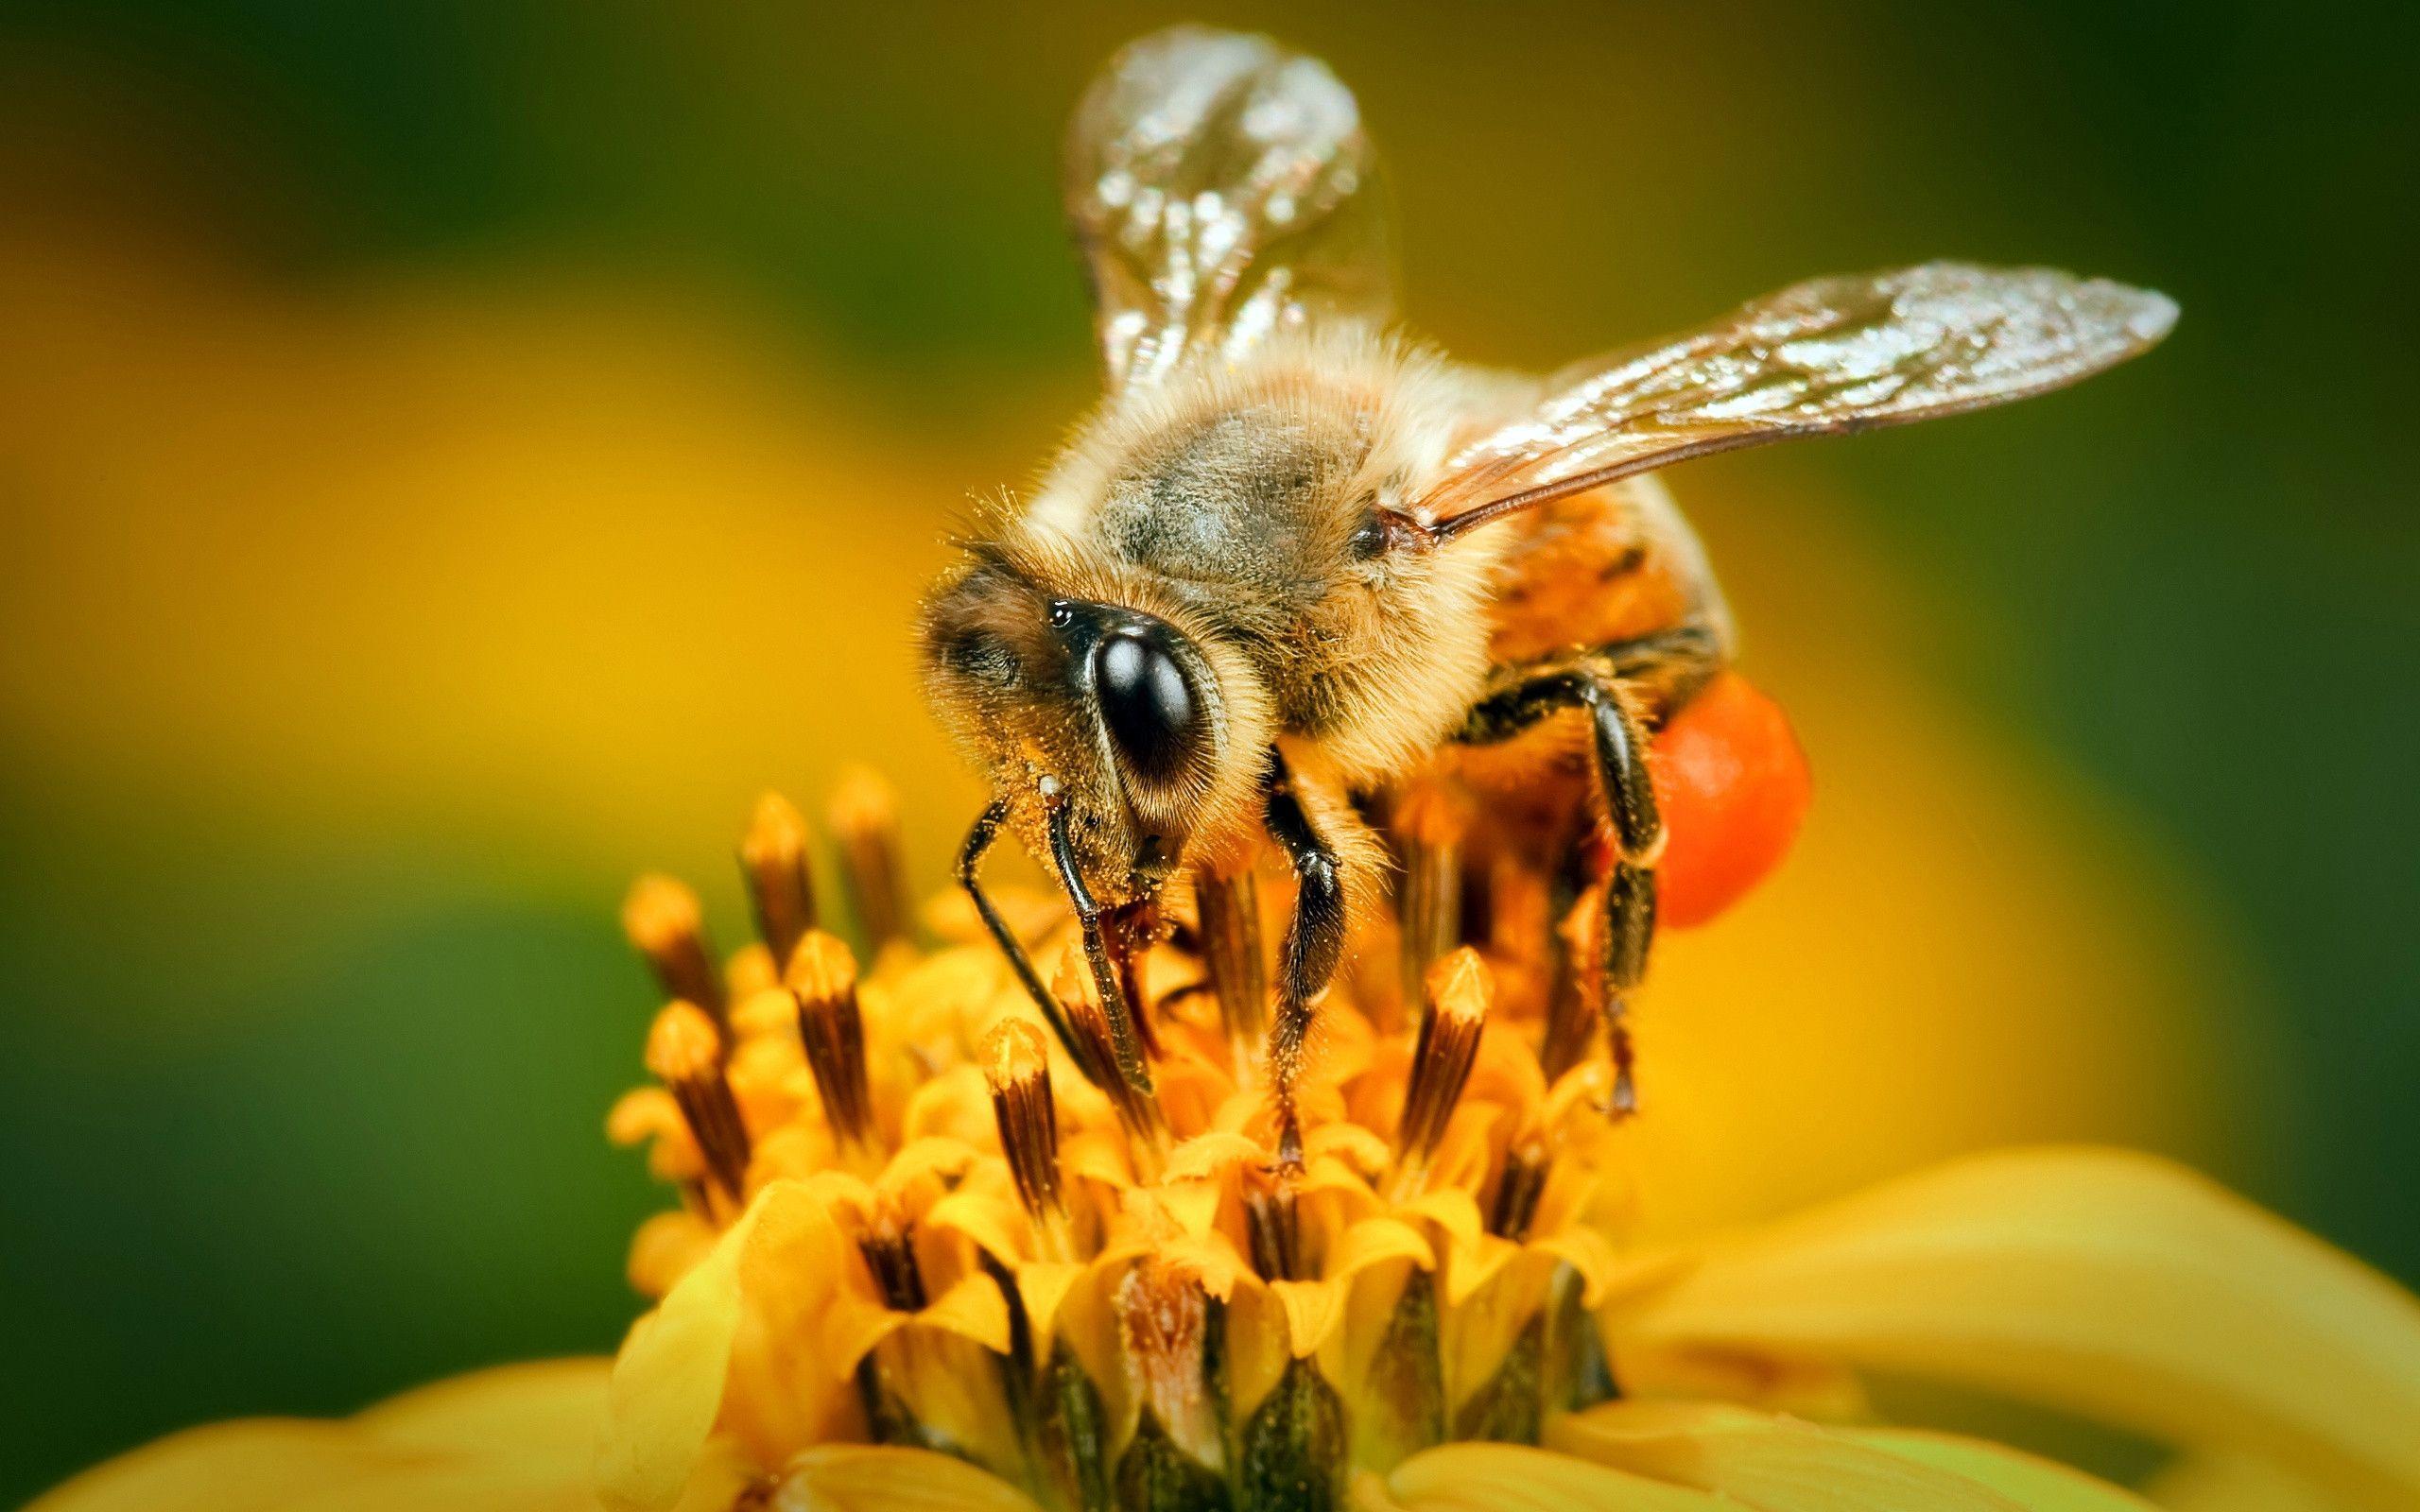 Bee Wallpapers 2560x1600